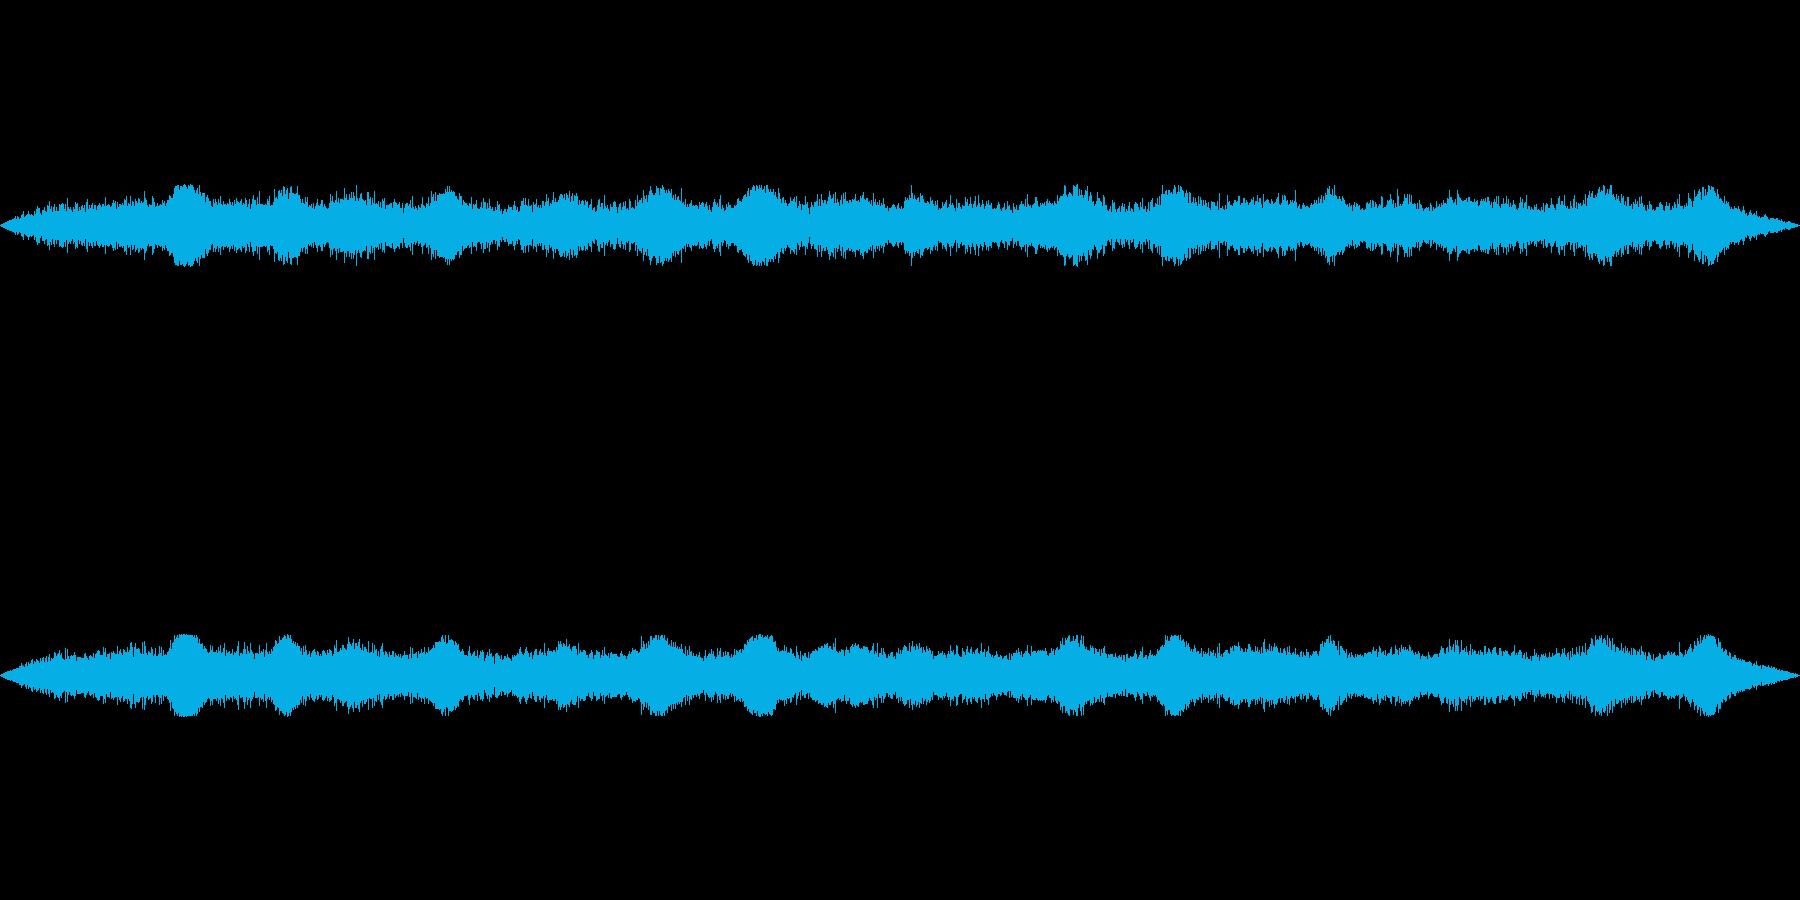 【海辺 合成 環境01-1】の再生済みの波形